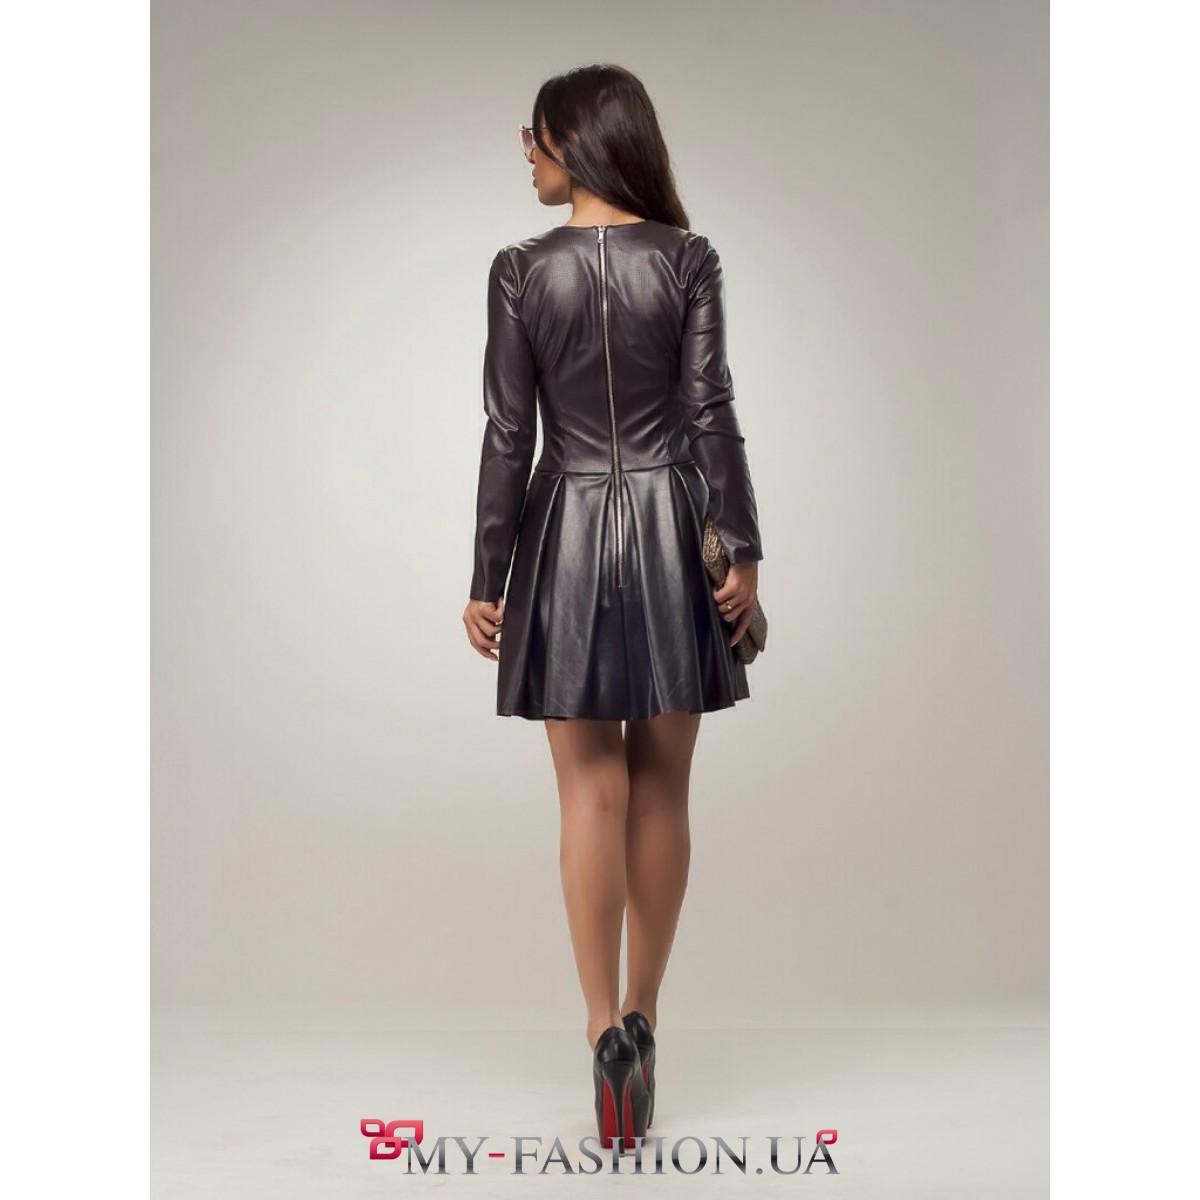 Купить Кожаное Платье В Интернет Магазине